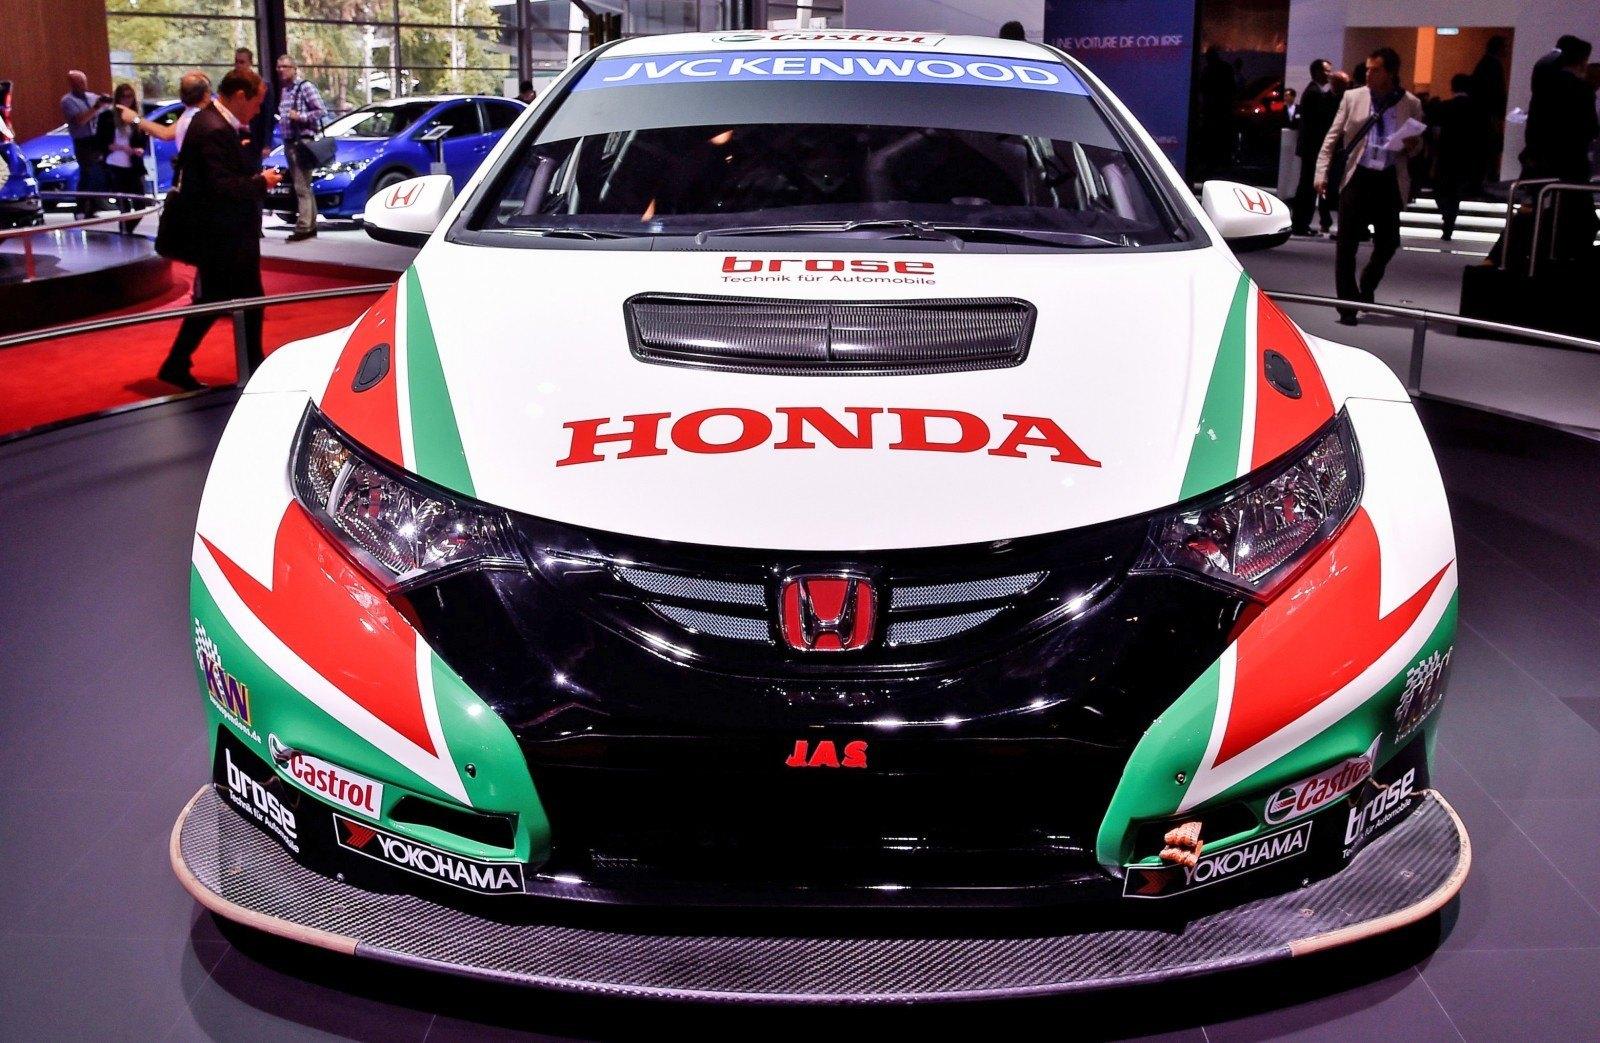 2015 Honda Civic Type R Concept Two Makes Paris Debut 14